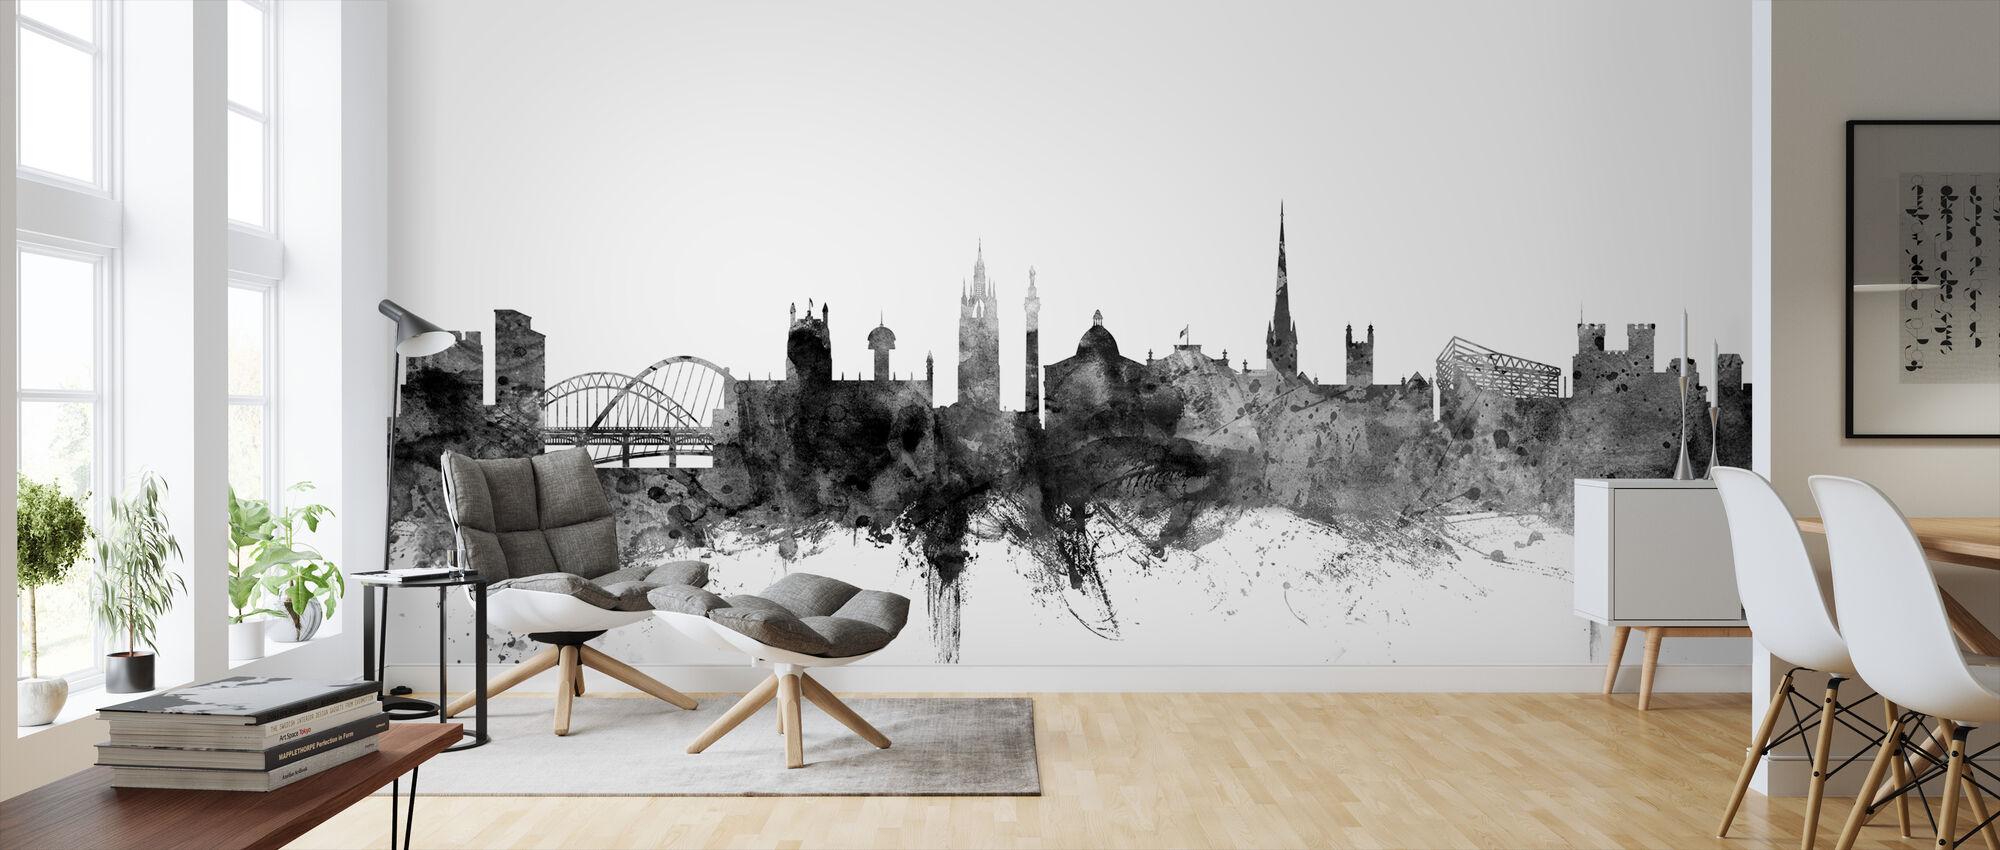 Newcastle UK Skyline Black - Wallpaper - Living Room